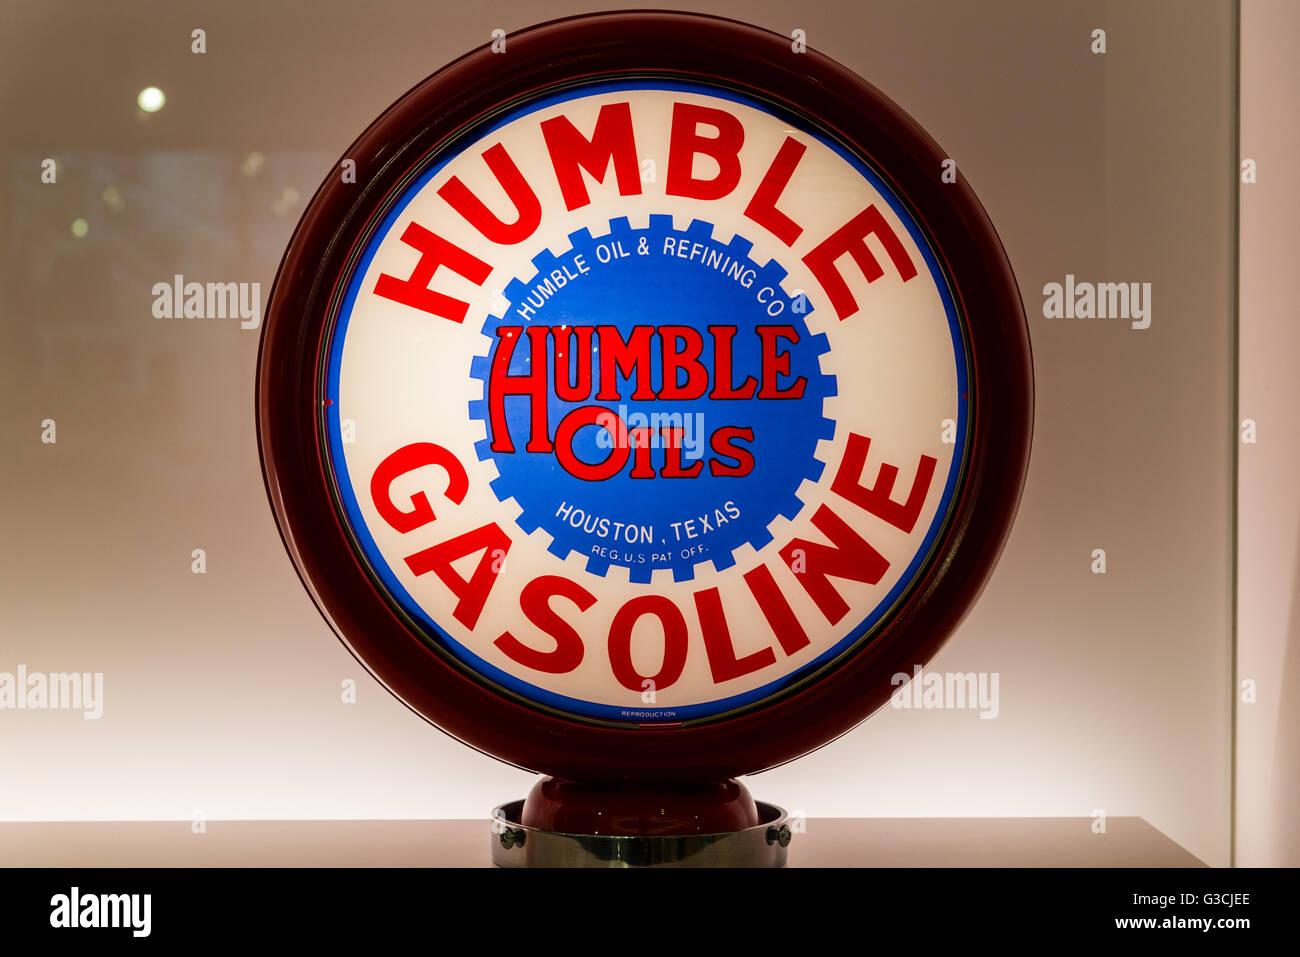 Globo de Cristal para vintage humilde bomba de gasolina en la pantalla. Imagen De Stock